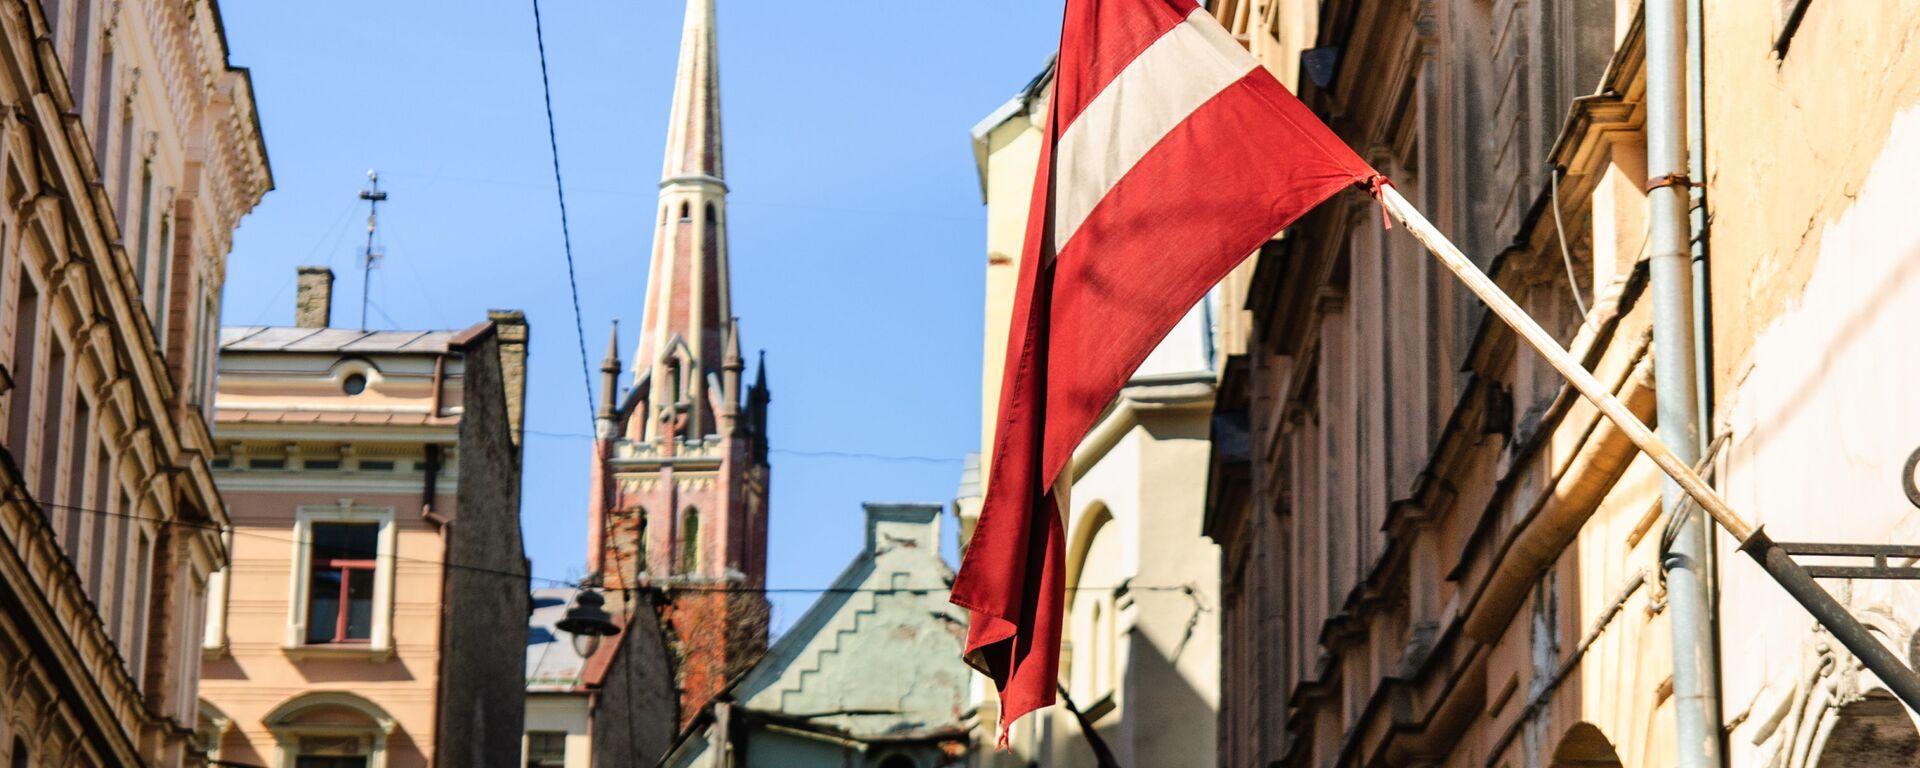 Flaga Łotwy na ulicy w Rydze - Sputnik Polska, 1920, 09.02.2021